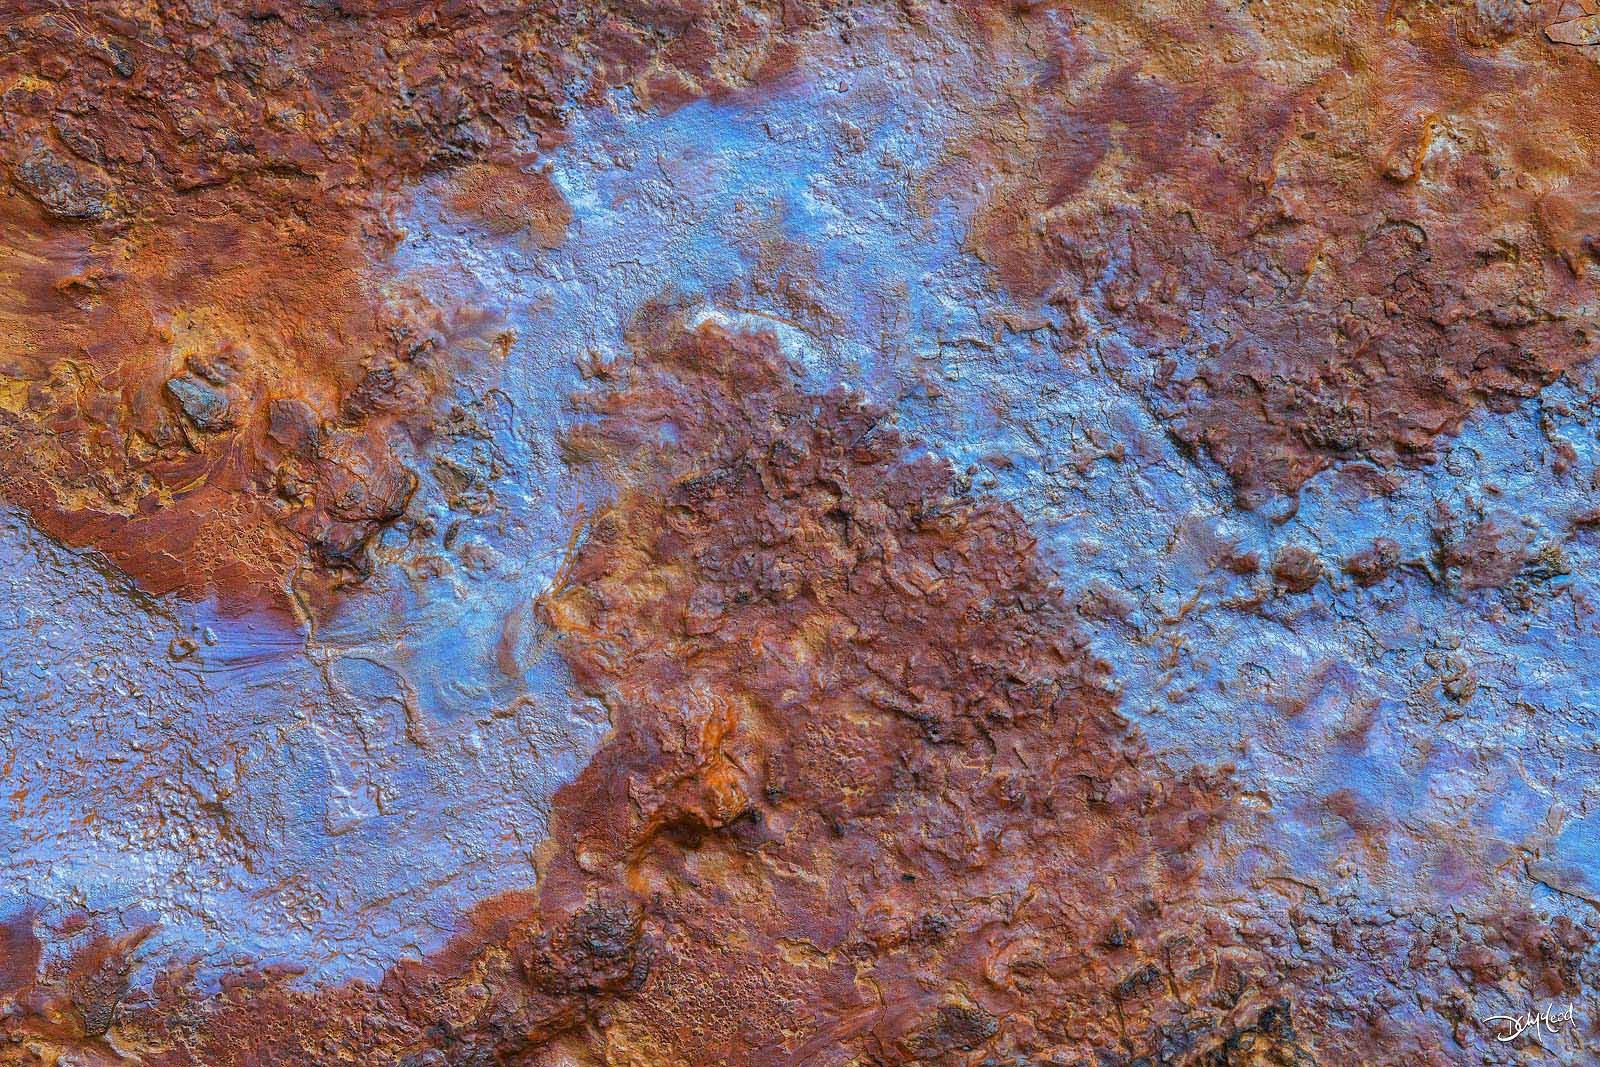 earth paint, mineral, spring, kootenay, ochre, iron oxide, photo